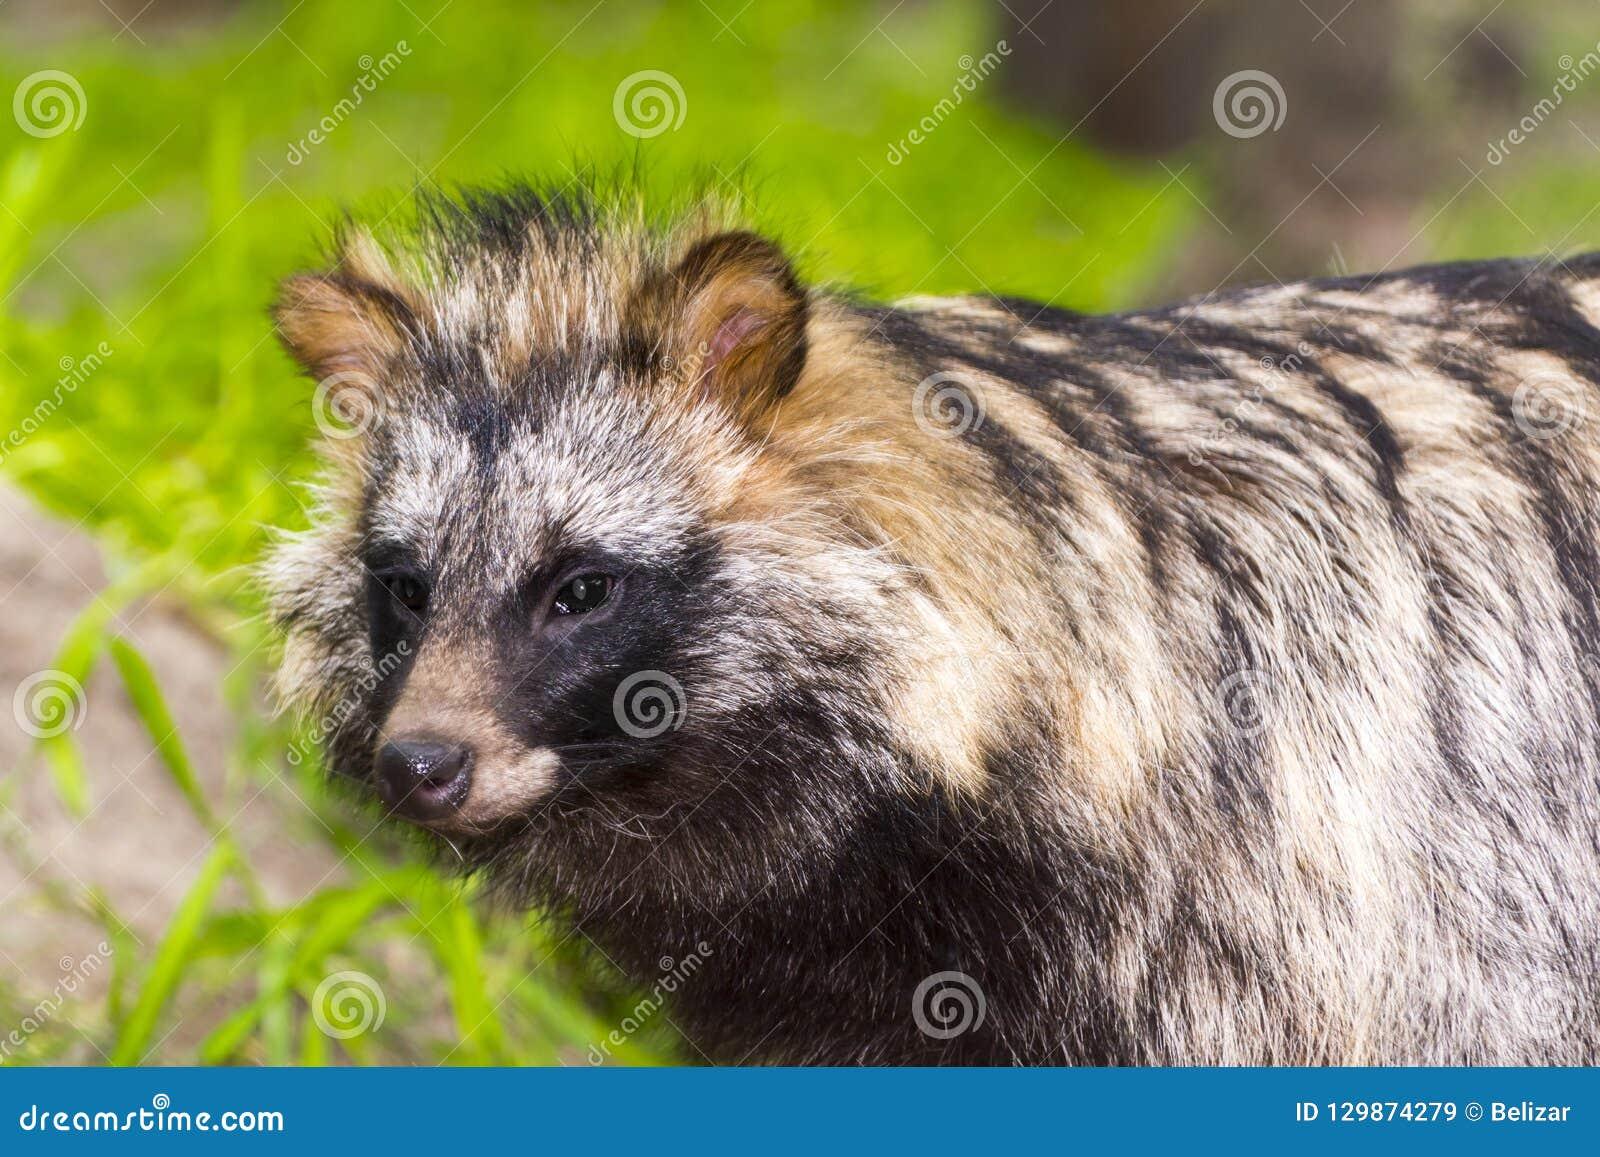 Raccoon dog or mangut